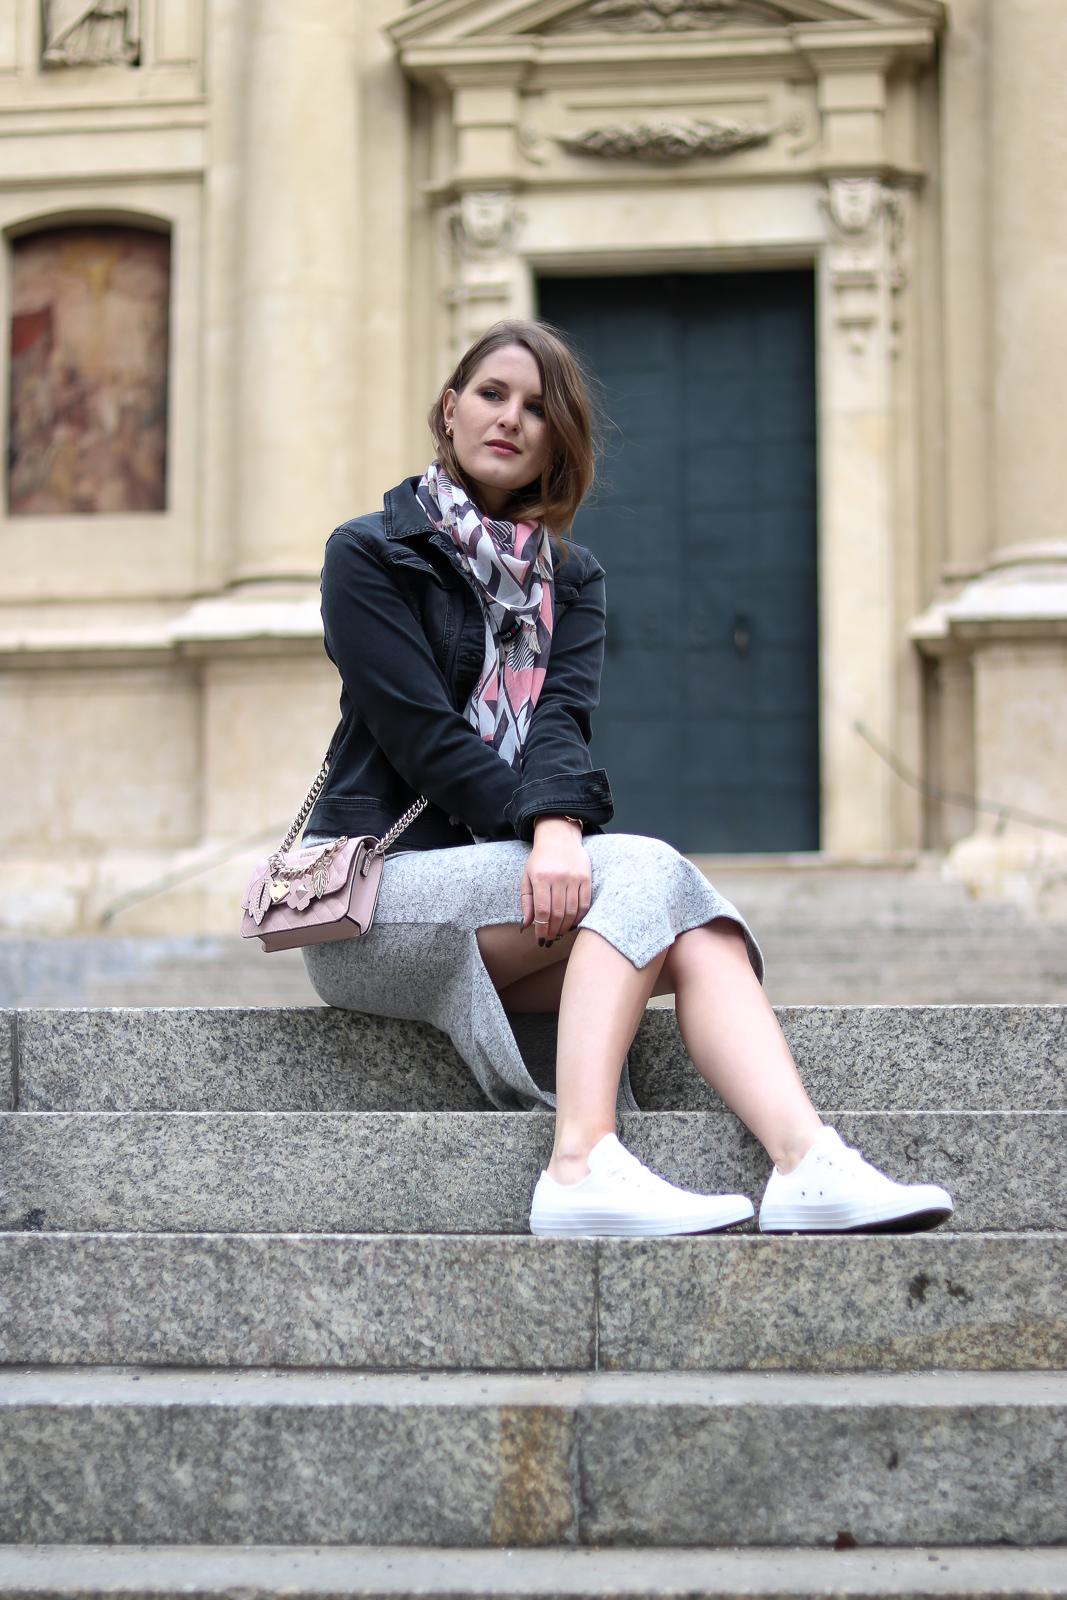 Ready for Spring - Midikleid und Sneakers - Frühlingslook mit grauem Strickkleid und weißen Converse und schwarzer Jeansjacke und rosa Guess Tasche - Fashionladyloves by Tamara Wagner - Fashion Blog - Mode Blog aus Graz Österreich